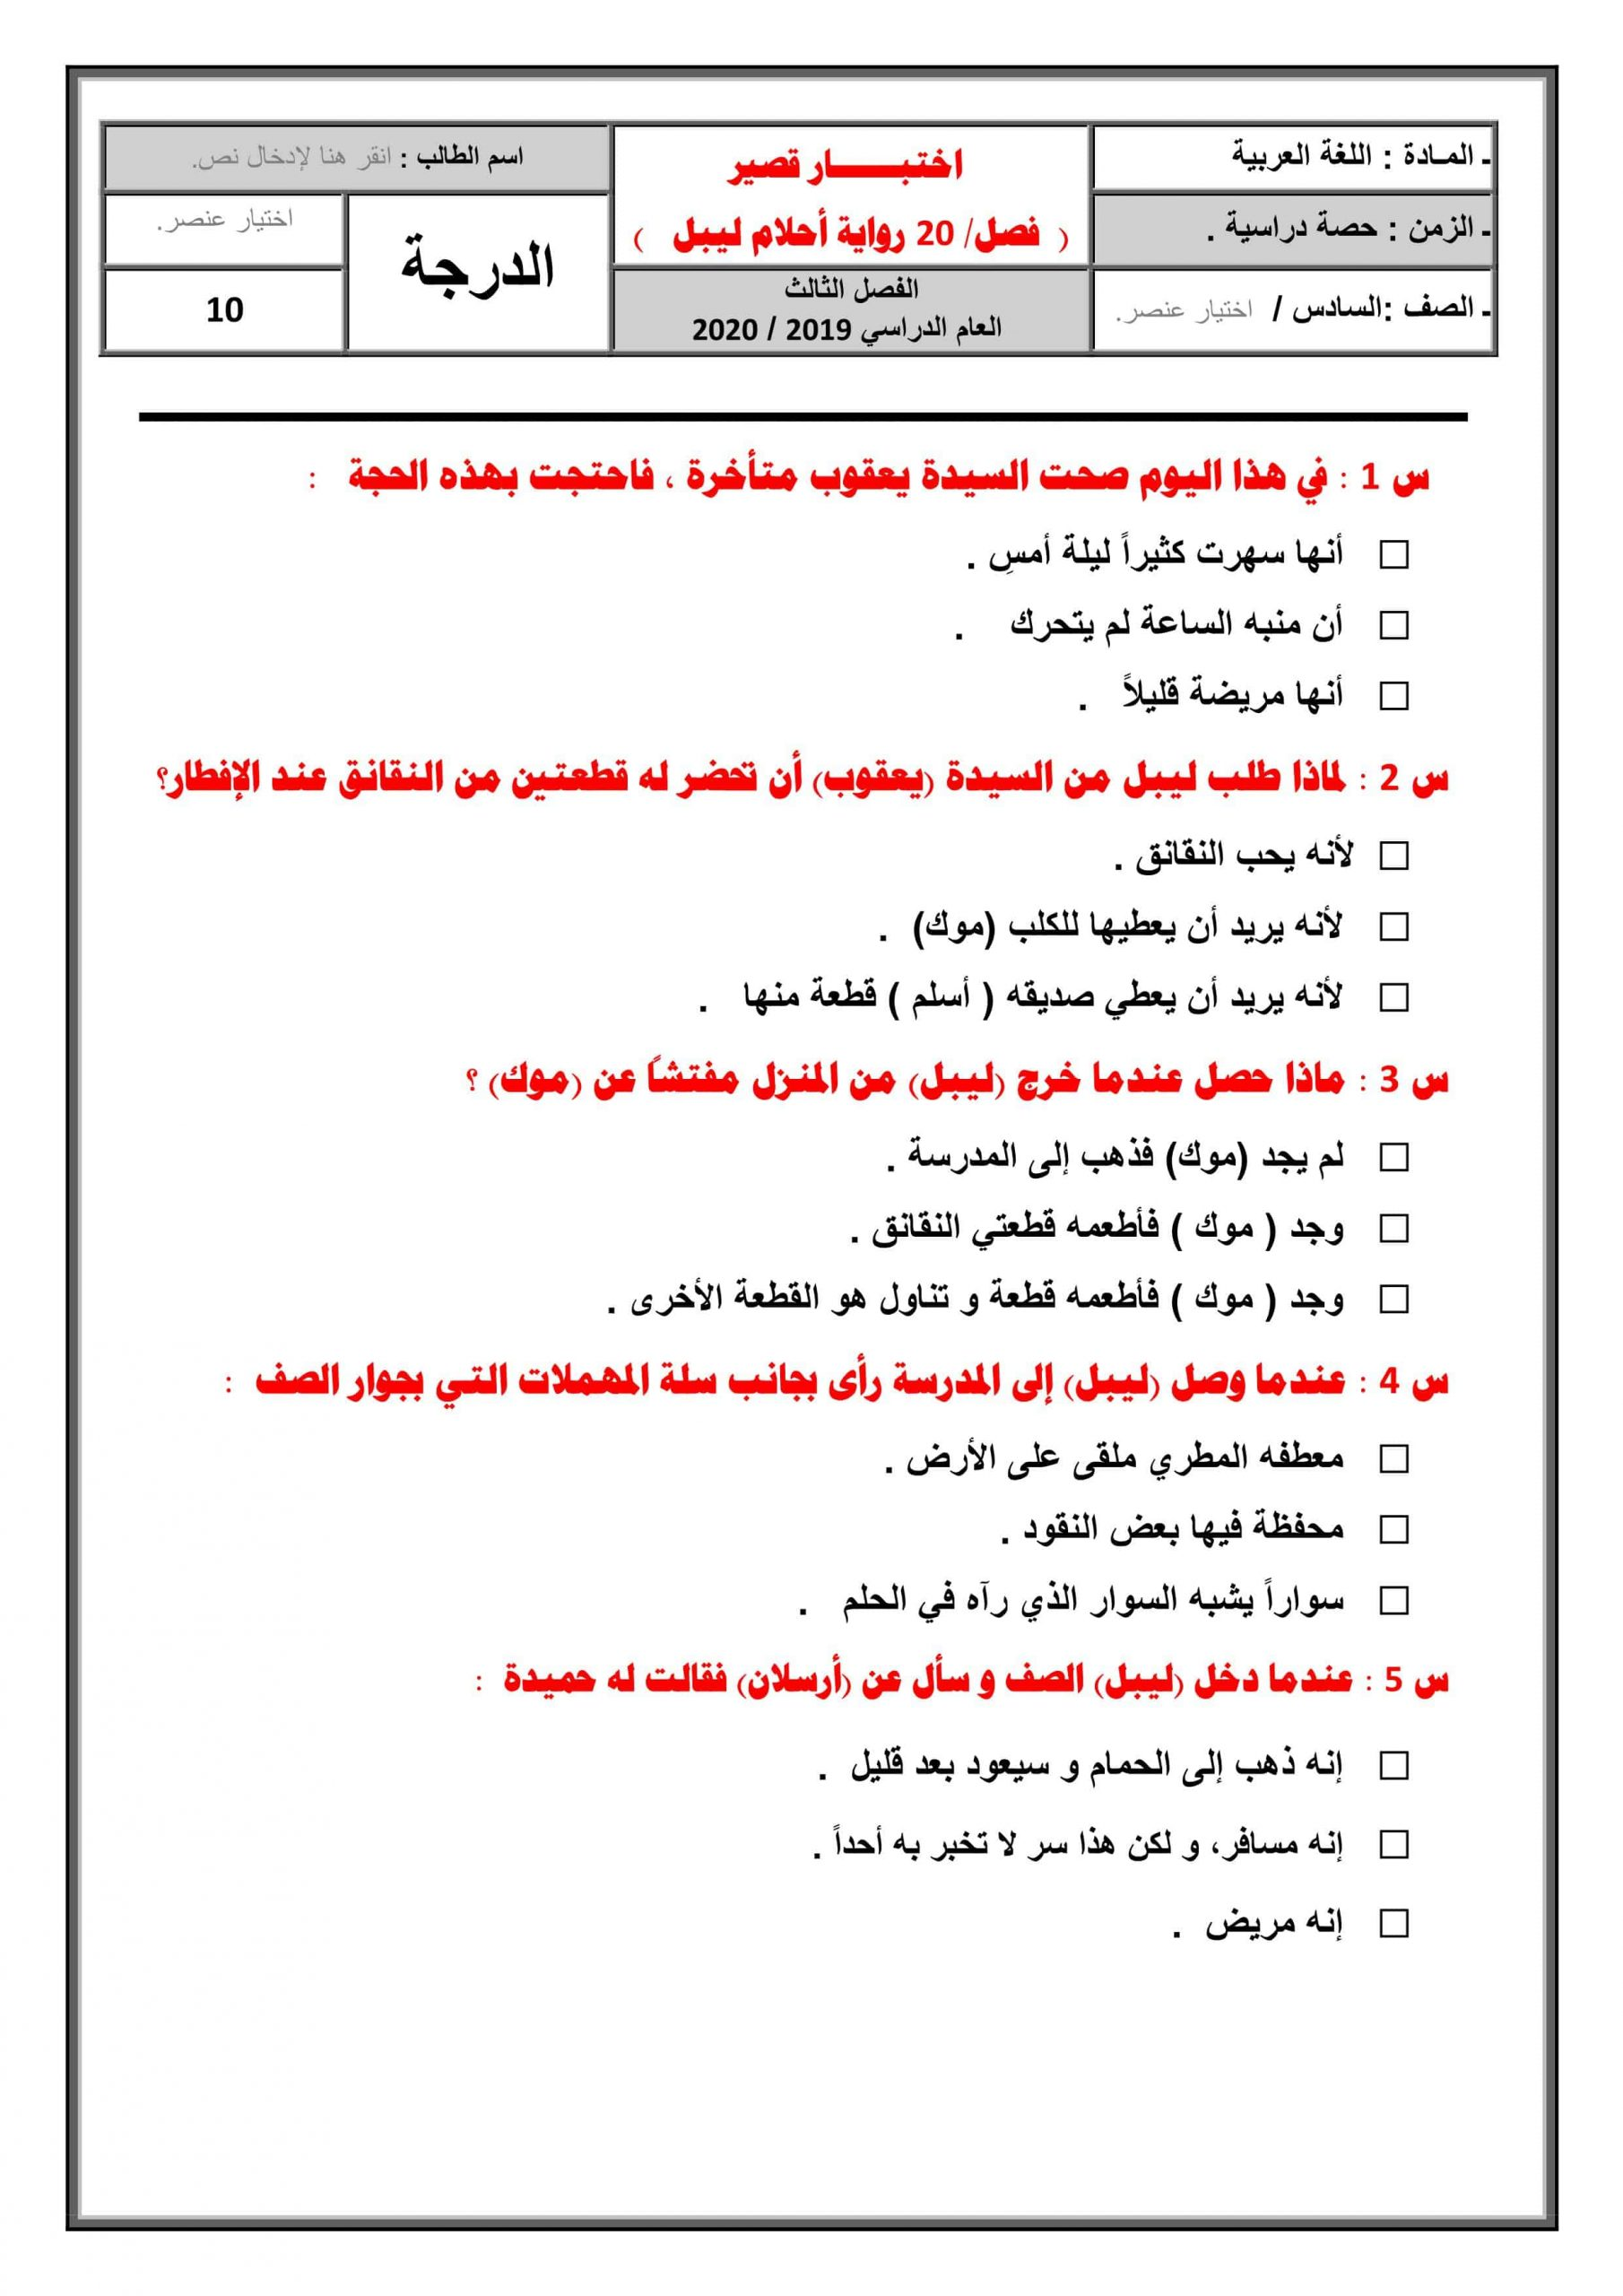 اختبار قصير لرواية أحلام ليبل السعيدة الفصل العشرون الصف السادس مادة اللغة العربية